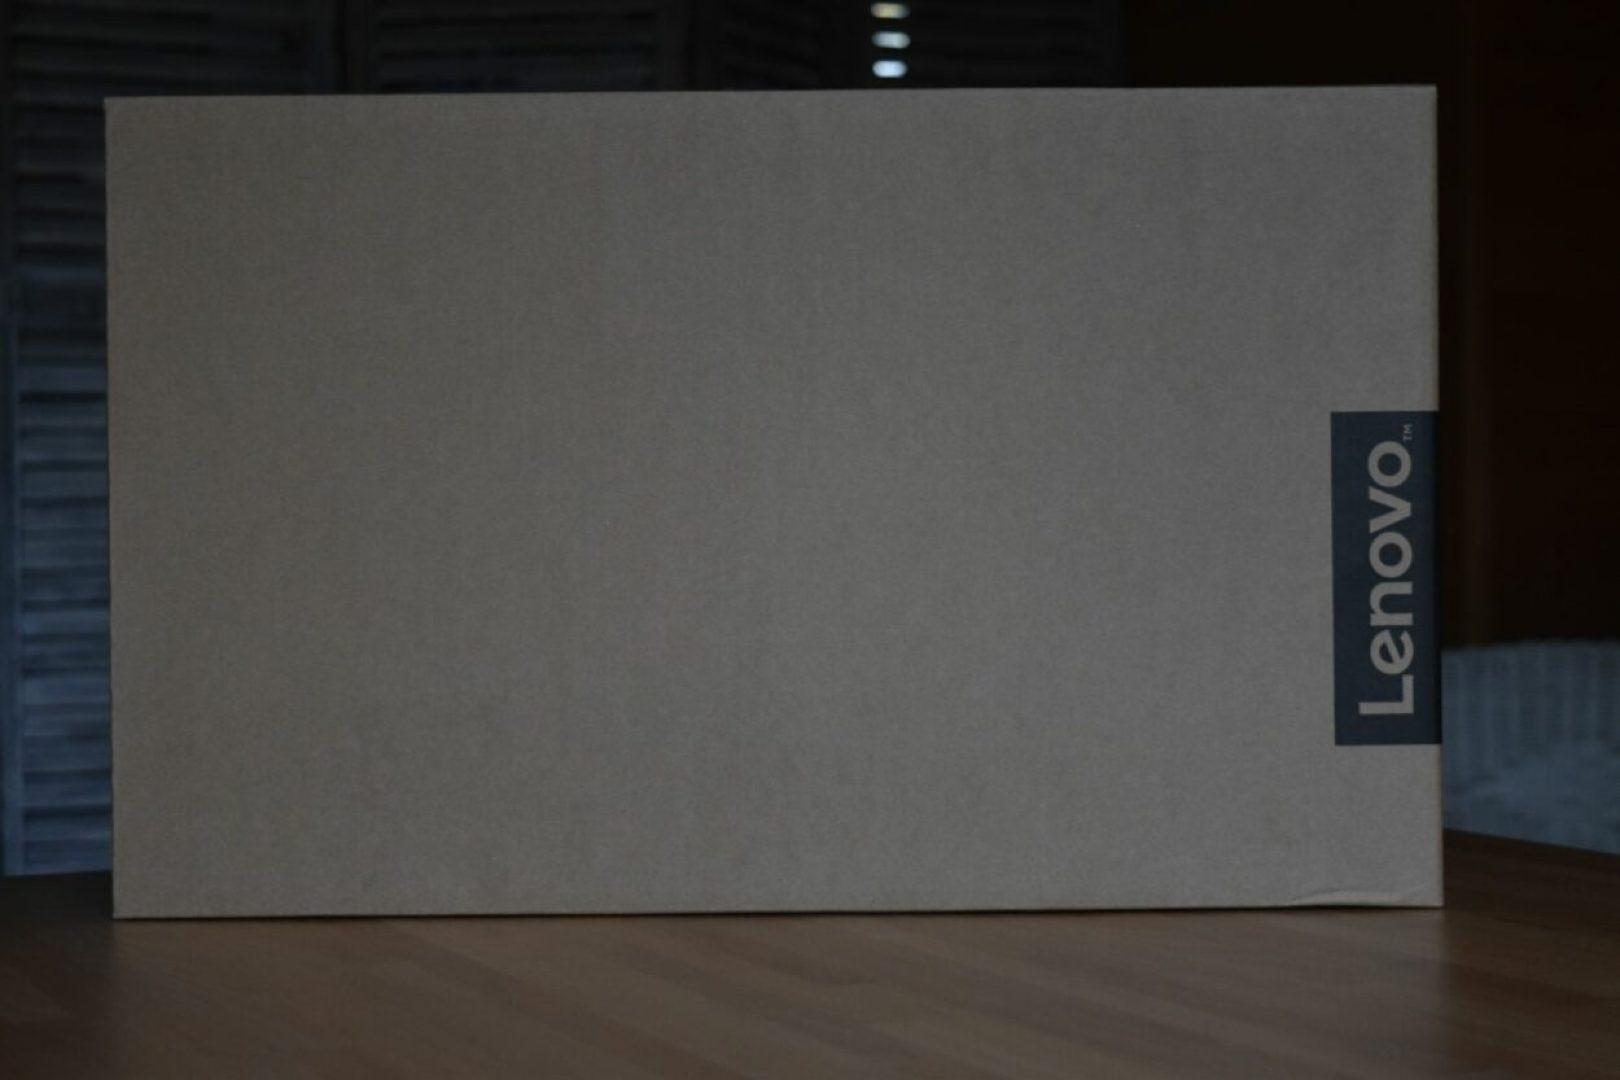 carton lenovo